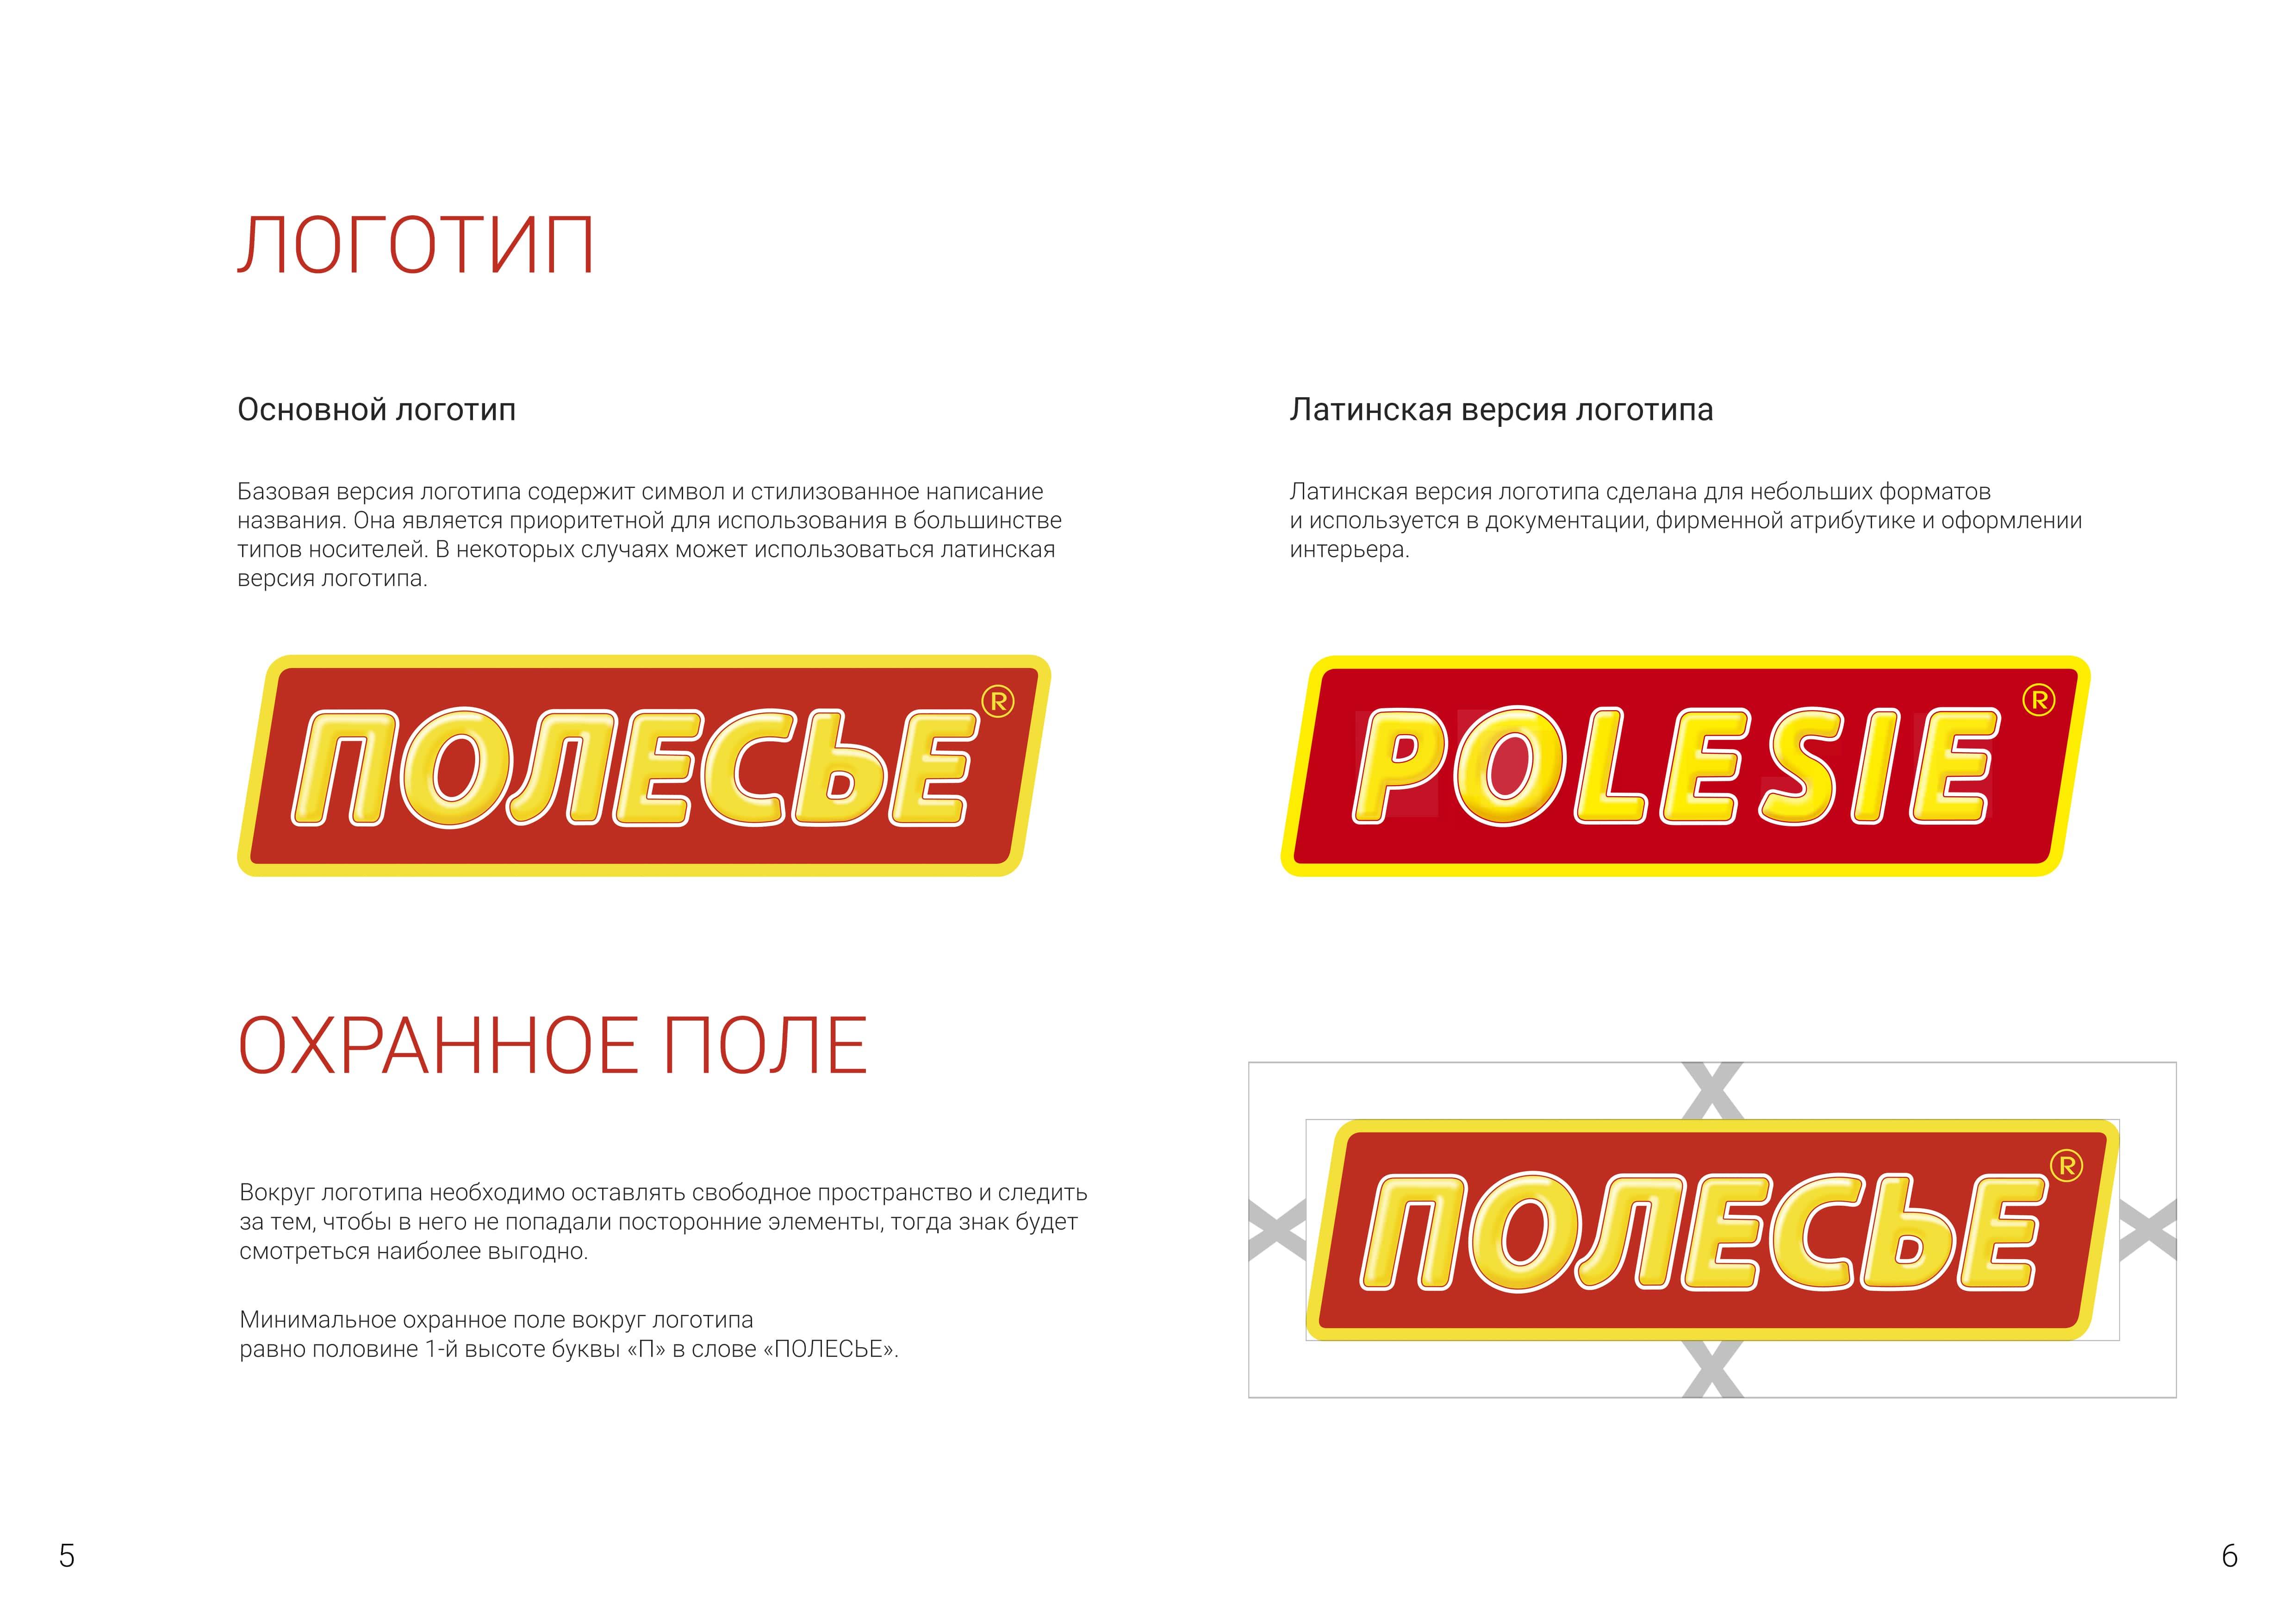 Разработка фирменного стиля на основании готового логотипа фото f_7085aba493d5b6e3.jpg